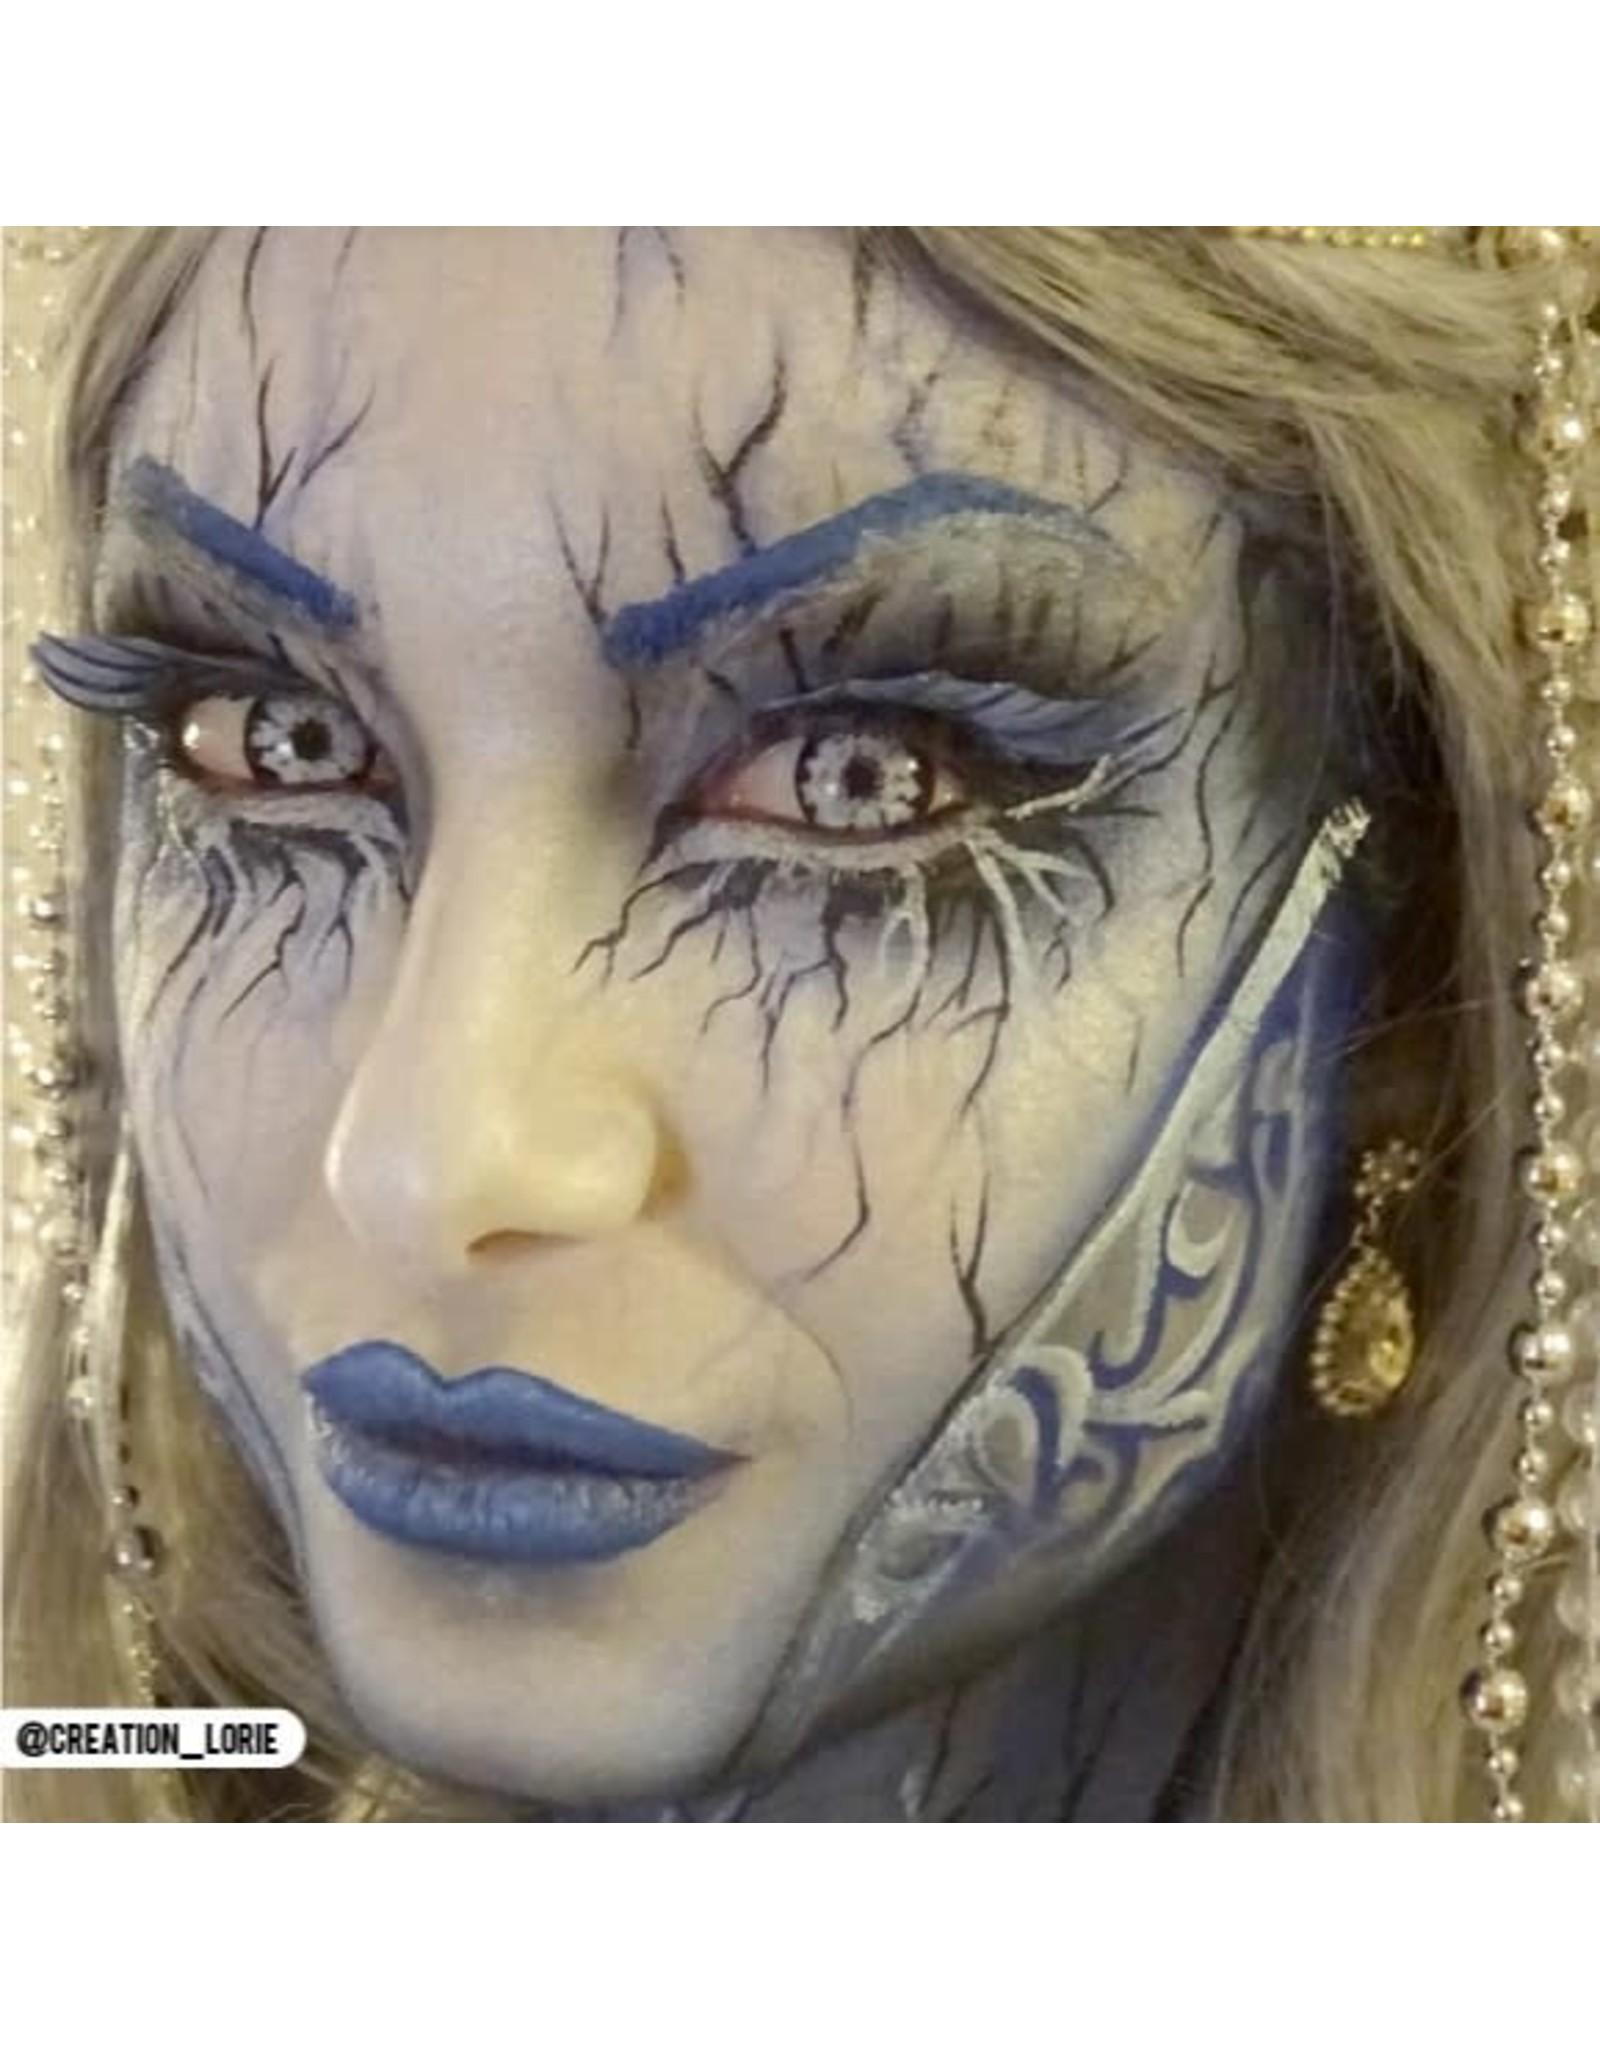 Primal Costume Contact Lenses - Whitewalker I